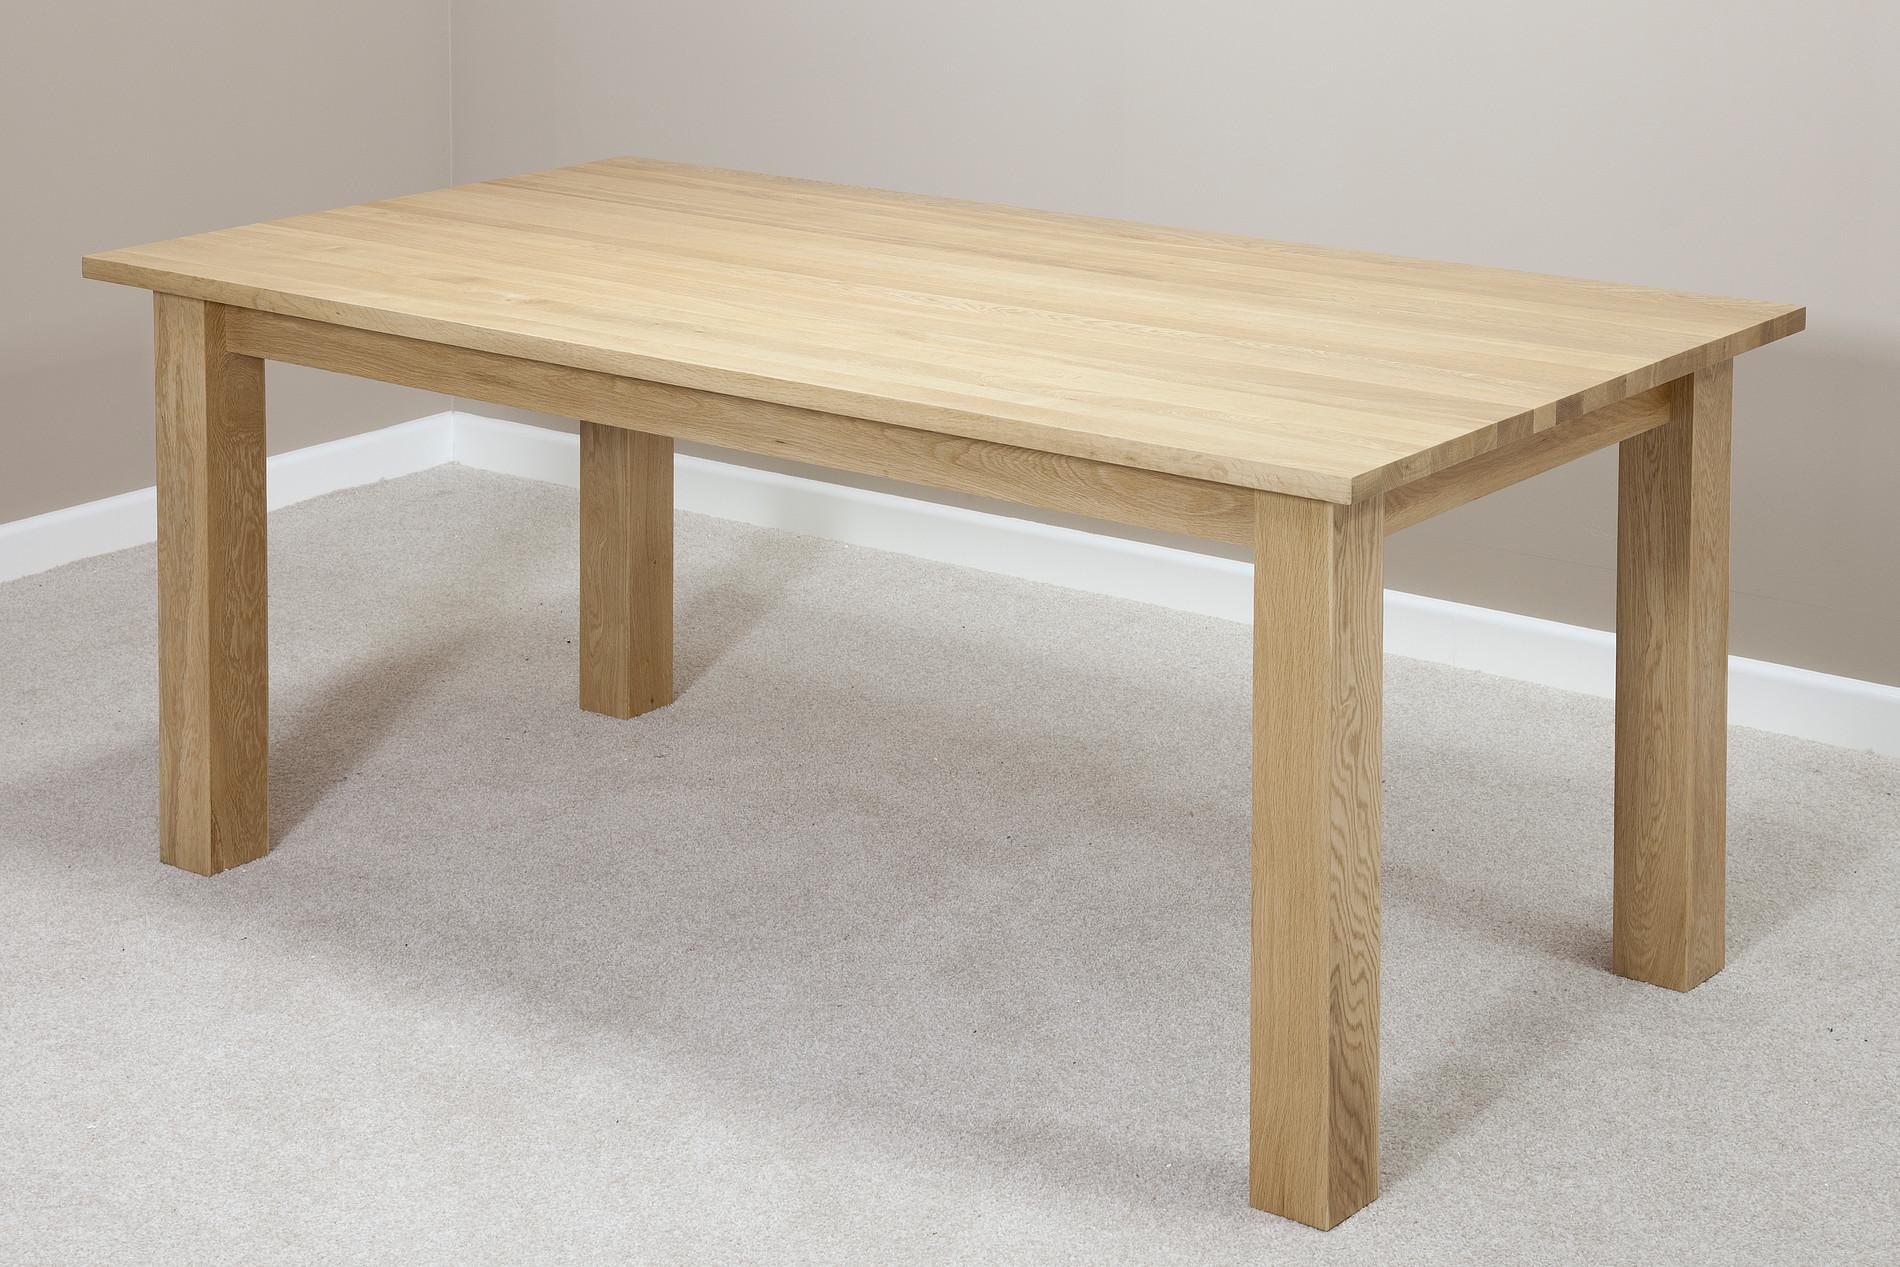 Маса от дъб  - КОНАС ООД  - производство на  мебели от масив, дървен материал и дървен материал за строителството